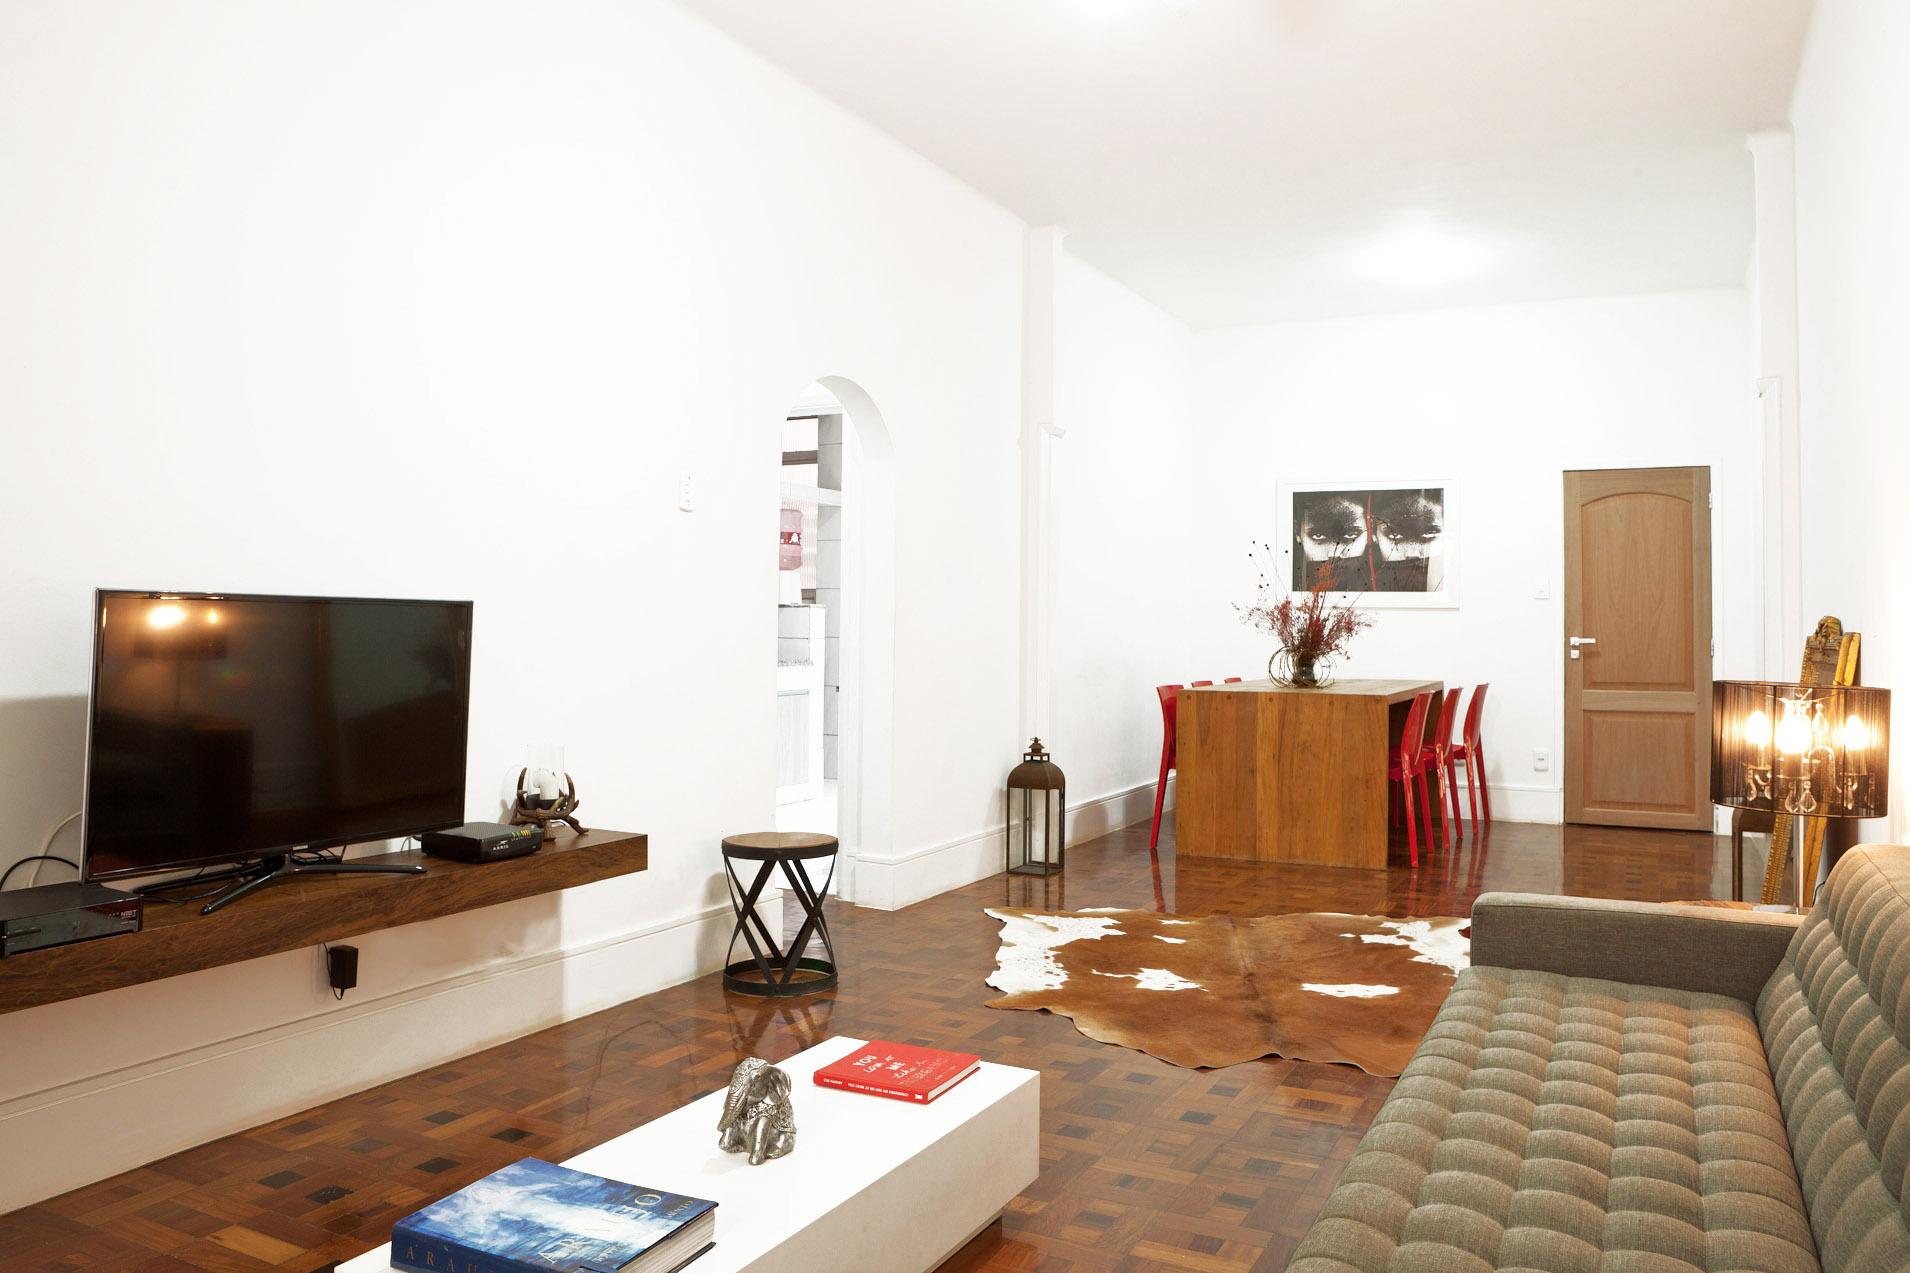 Aluguel de casas por temporada no Rio de janeiro